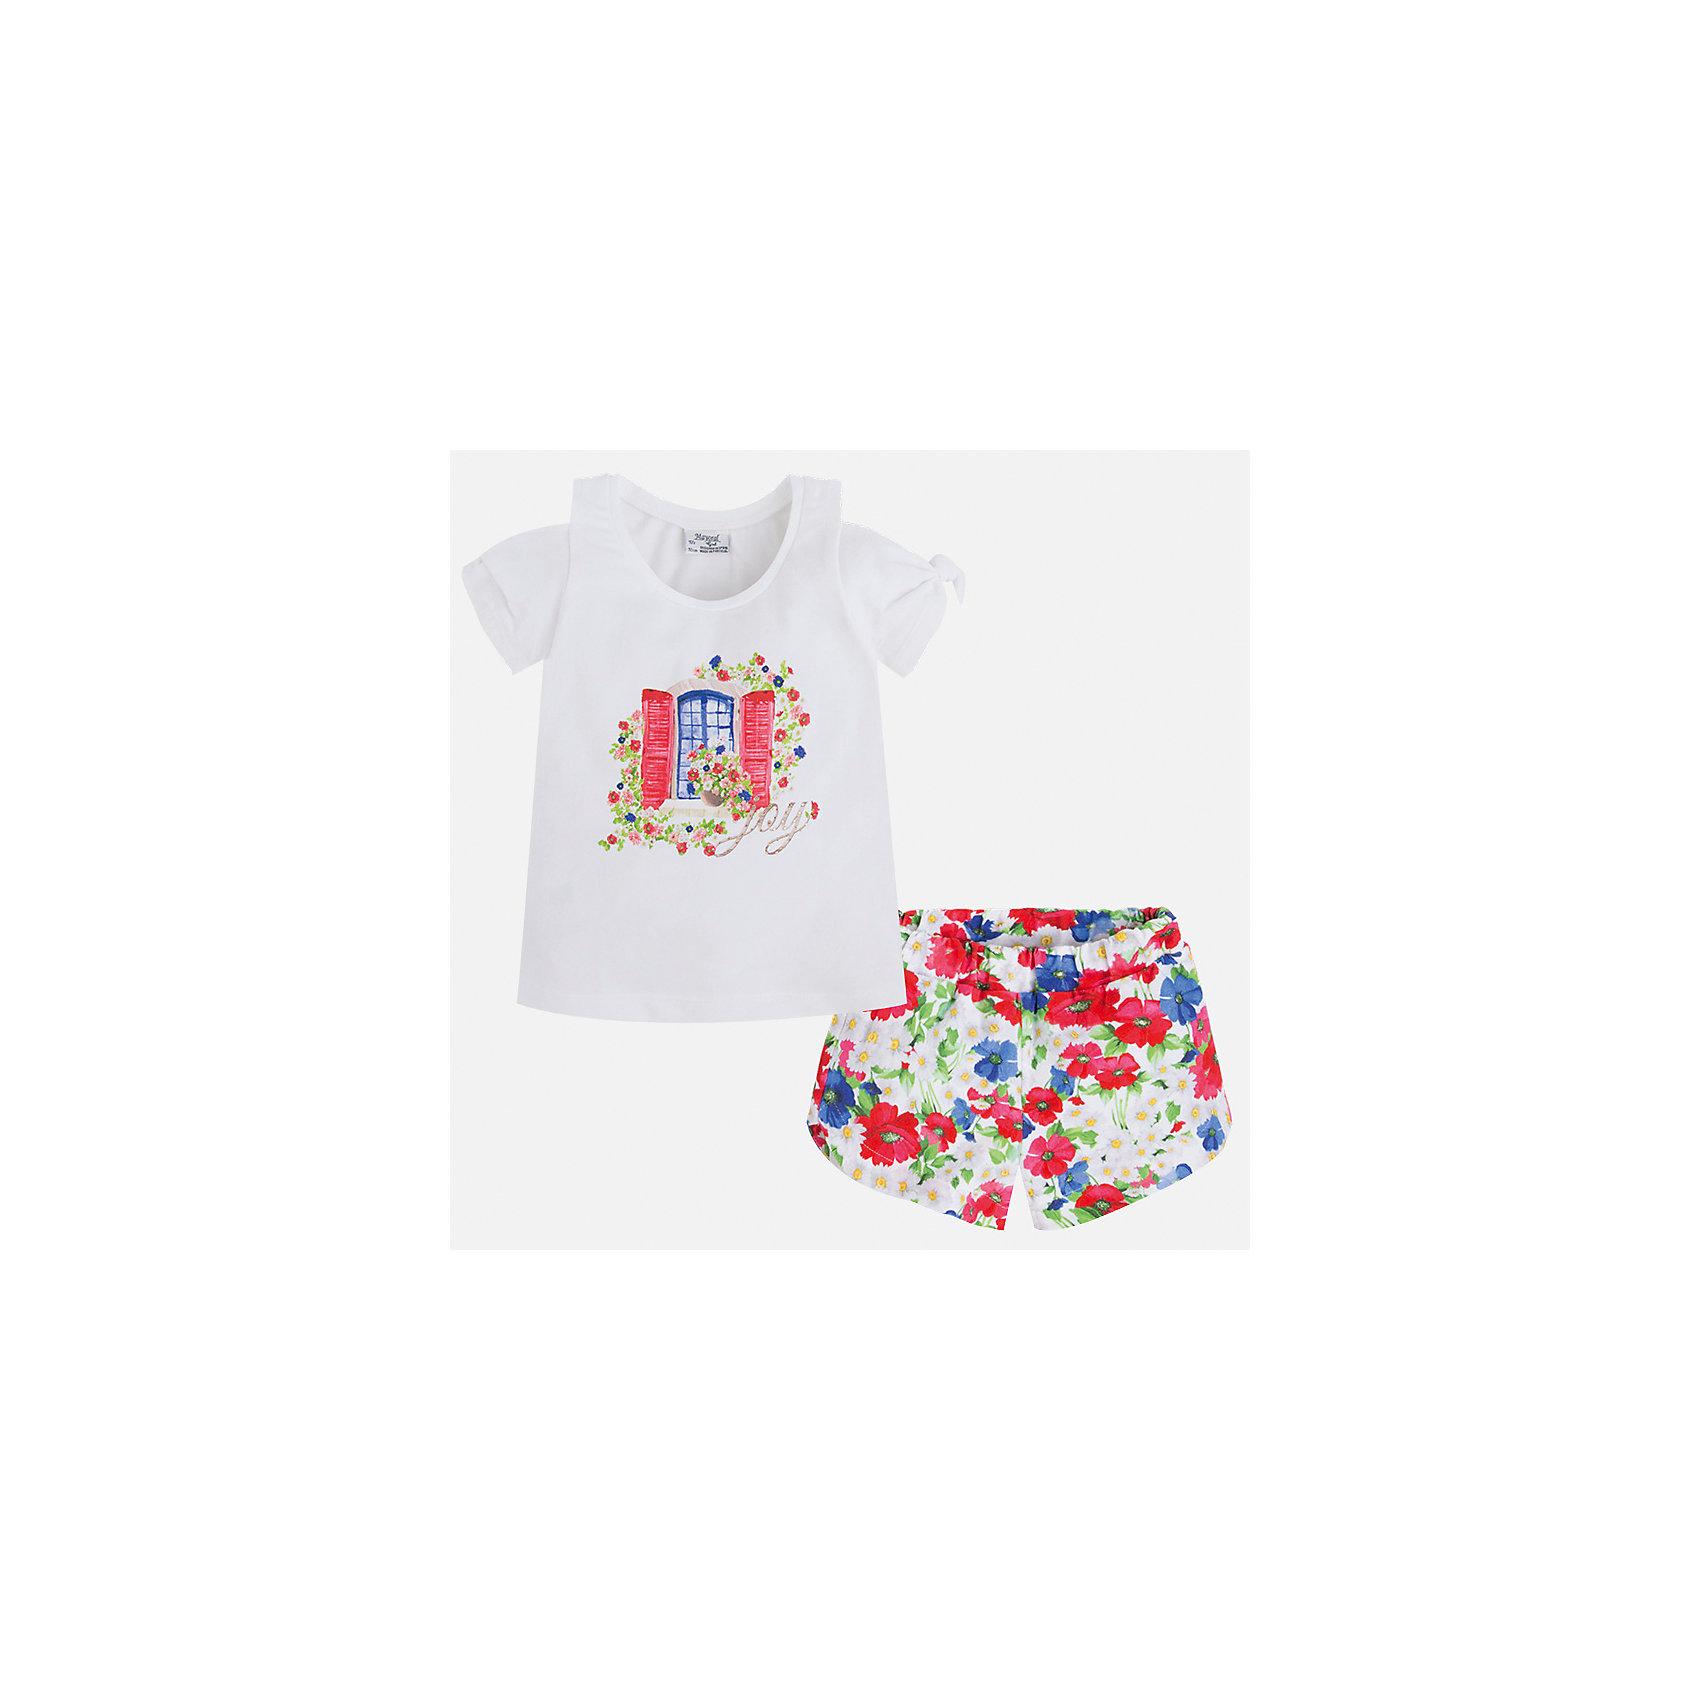 Комплект: футболка и шорты для девочки MayoralКомплекты<br>Характеристики товара:<br><br>• цвет: белый/мультиколор<br>• состав: 95% хлопок, 5% эластан<br>• комплектация: футболка, шорты<br>• футболка декорирована принтом<br>• шорты с принтом<br>• пояс на резинке<br>• страна бренда: Испания<br><br>Стильный качественный комплект для девочки поможет разнообразить гардероб ребенка и удобно одеться в теплую погоду. Он отлично сочетается с другими предметами. Универсальный цвет позволяет подобрать к вещам верхнюю одежду практически любой расцветки. Интересная отделка модели делает её нарядной и оригинальной. В составе материала - натуральный хлопок, гипоаллергенный, приятный на ощупь, дышащий.<br><br>Одежда, обувь и аксессуары от испанского бренда Mayoral полюбились детям и взрослым по всему миру. Модели этой марки - стильные и удобные. Для их производства используются только безопасные, качественные материалы и фурнитура. Порадуйте ребенка модными и красивыми вещами от Mayoral! <br><br>Комплект для девочки от испанского бренда Mayoral (Майорал) можно купить в нашем интернет-магазине.<br><br>Ширина мм: 191<br>Глубина мм: 10<br>Высота мм: 175<br>Вес г: 273<br>Цвет: красный<br>Возраст от месяцев: 18<br>Возраст до месяцев: 24<br>Пол: Женский<br>Возраст: Детский<br>Размер: 92,134,98,104,110,116,122,128<br>SKU: 5289875